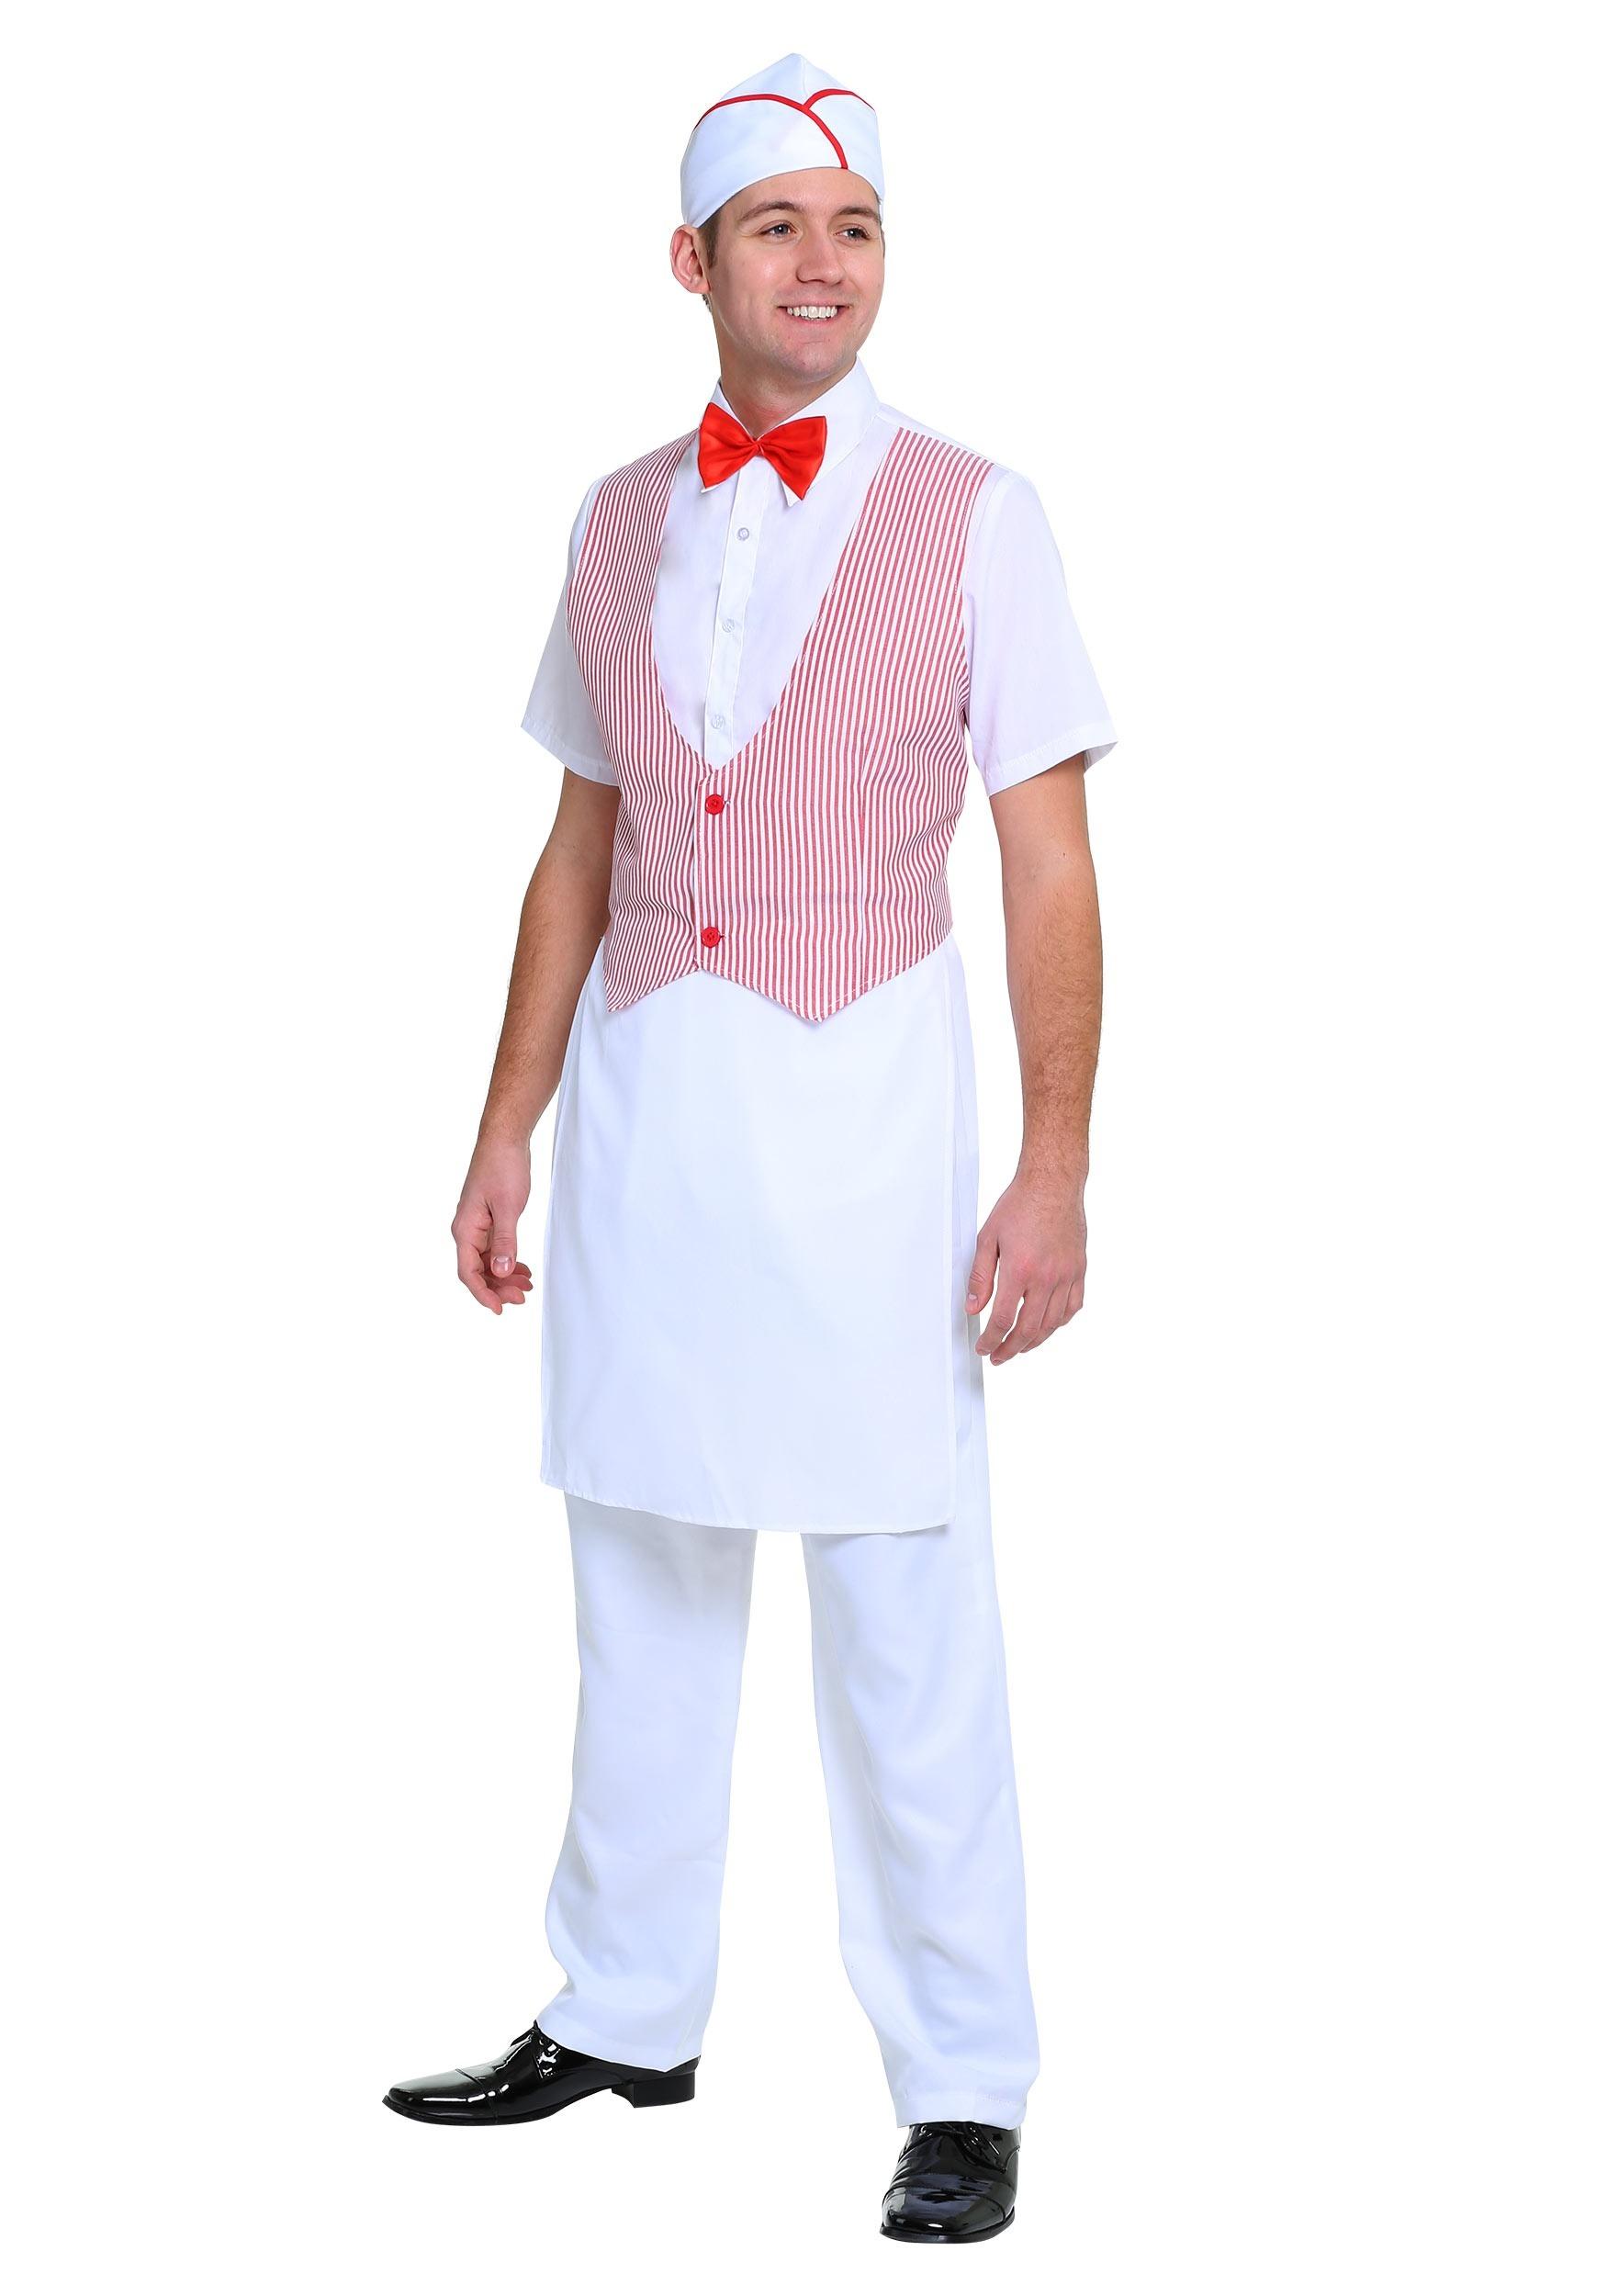 1950s Car Hop Costume for Men